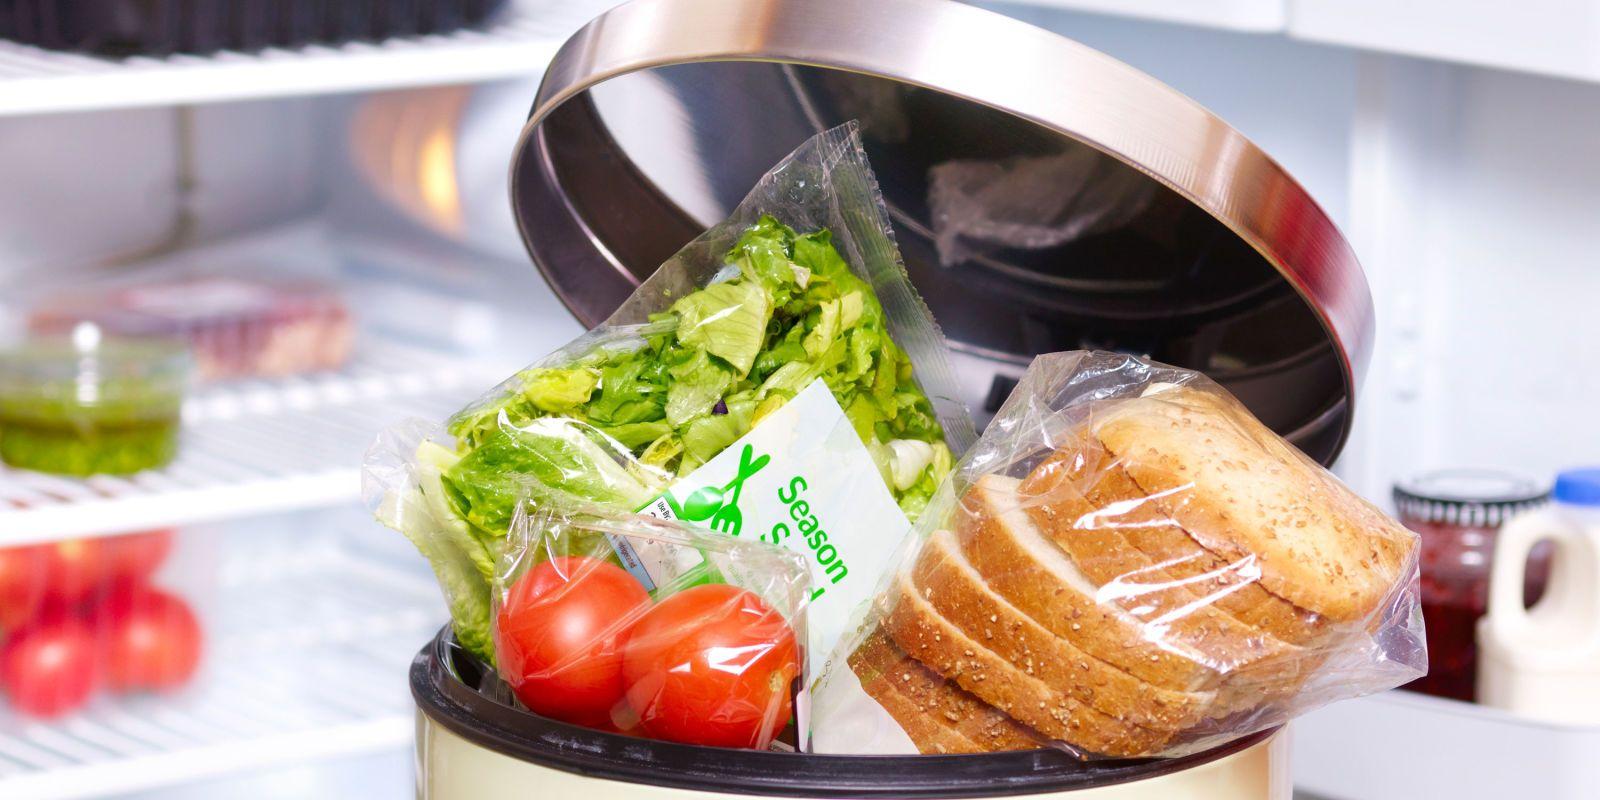 Что я делаю, если остаются продукты, и как их потом использую, чтобы ничего не пропало. Часть 2.